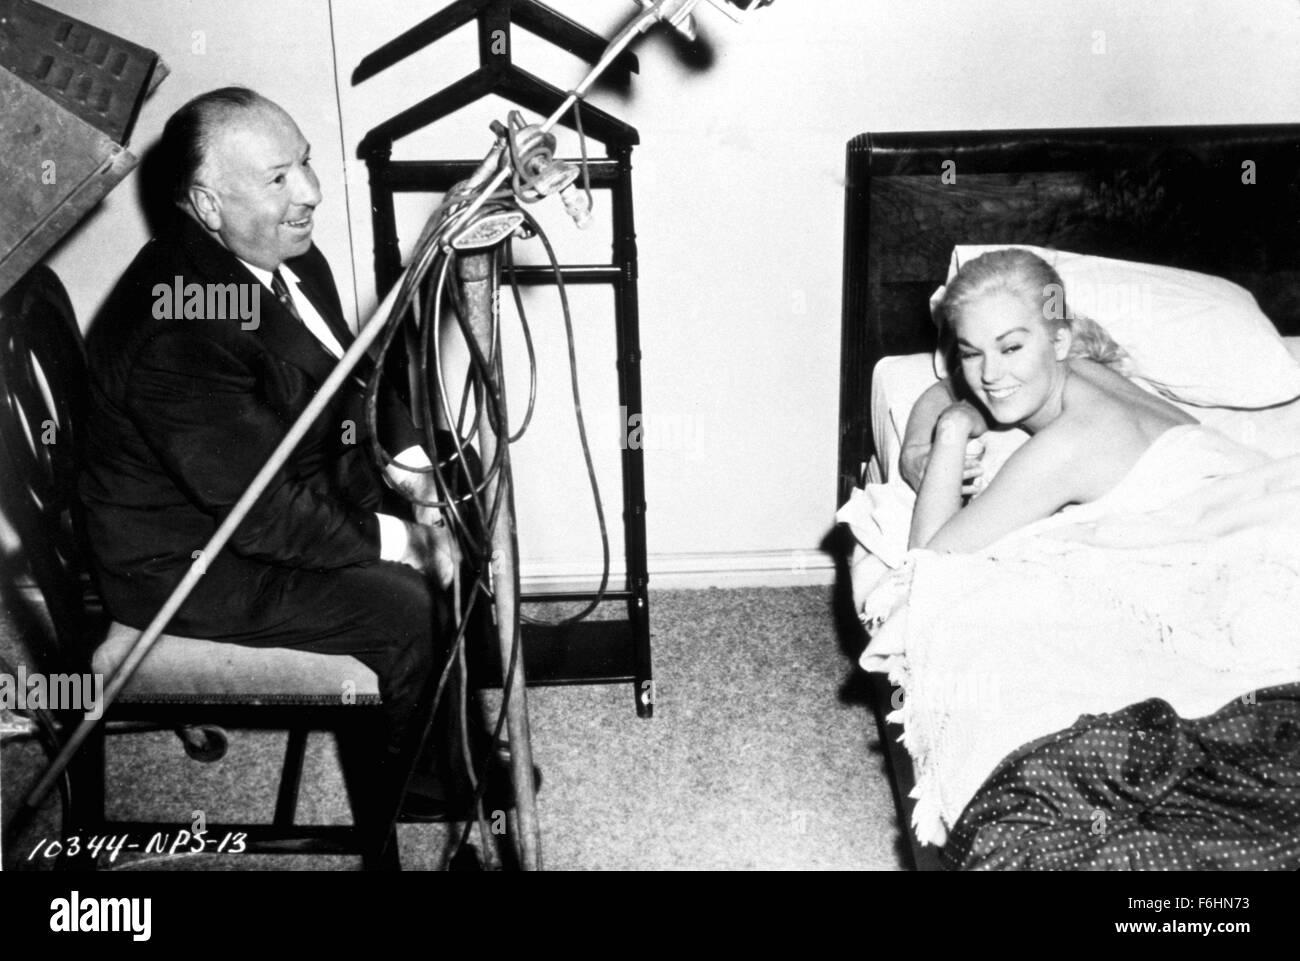 A Video Essay Guide to Alfred Hitchcock's 'Vertigo'